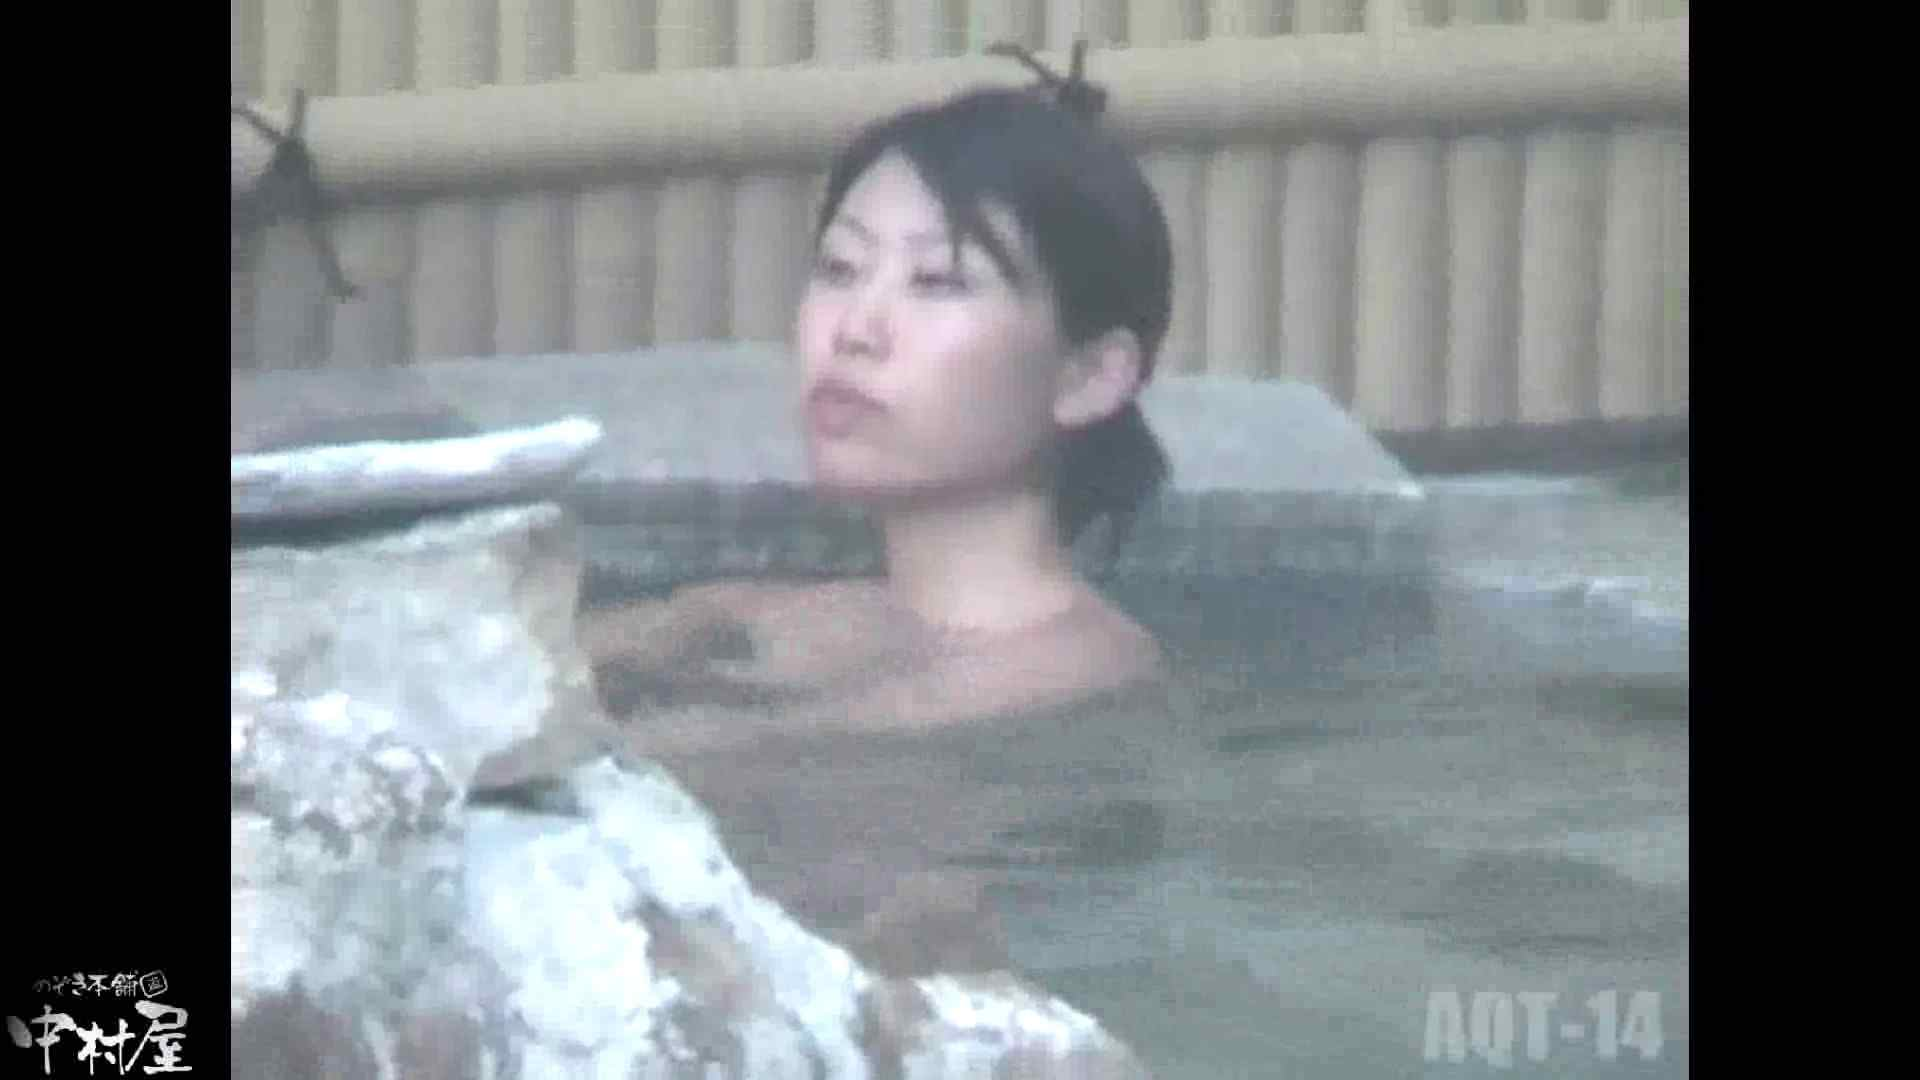 Aquaな露天風呂Vol.878潜入盗撮露天風呂十四判湯 其の一 露天 | 盗撮  78pic 7